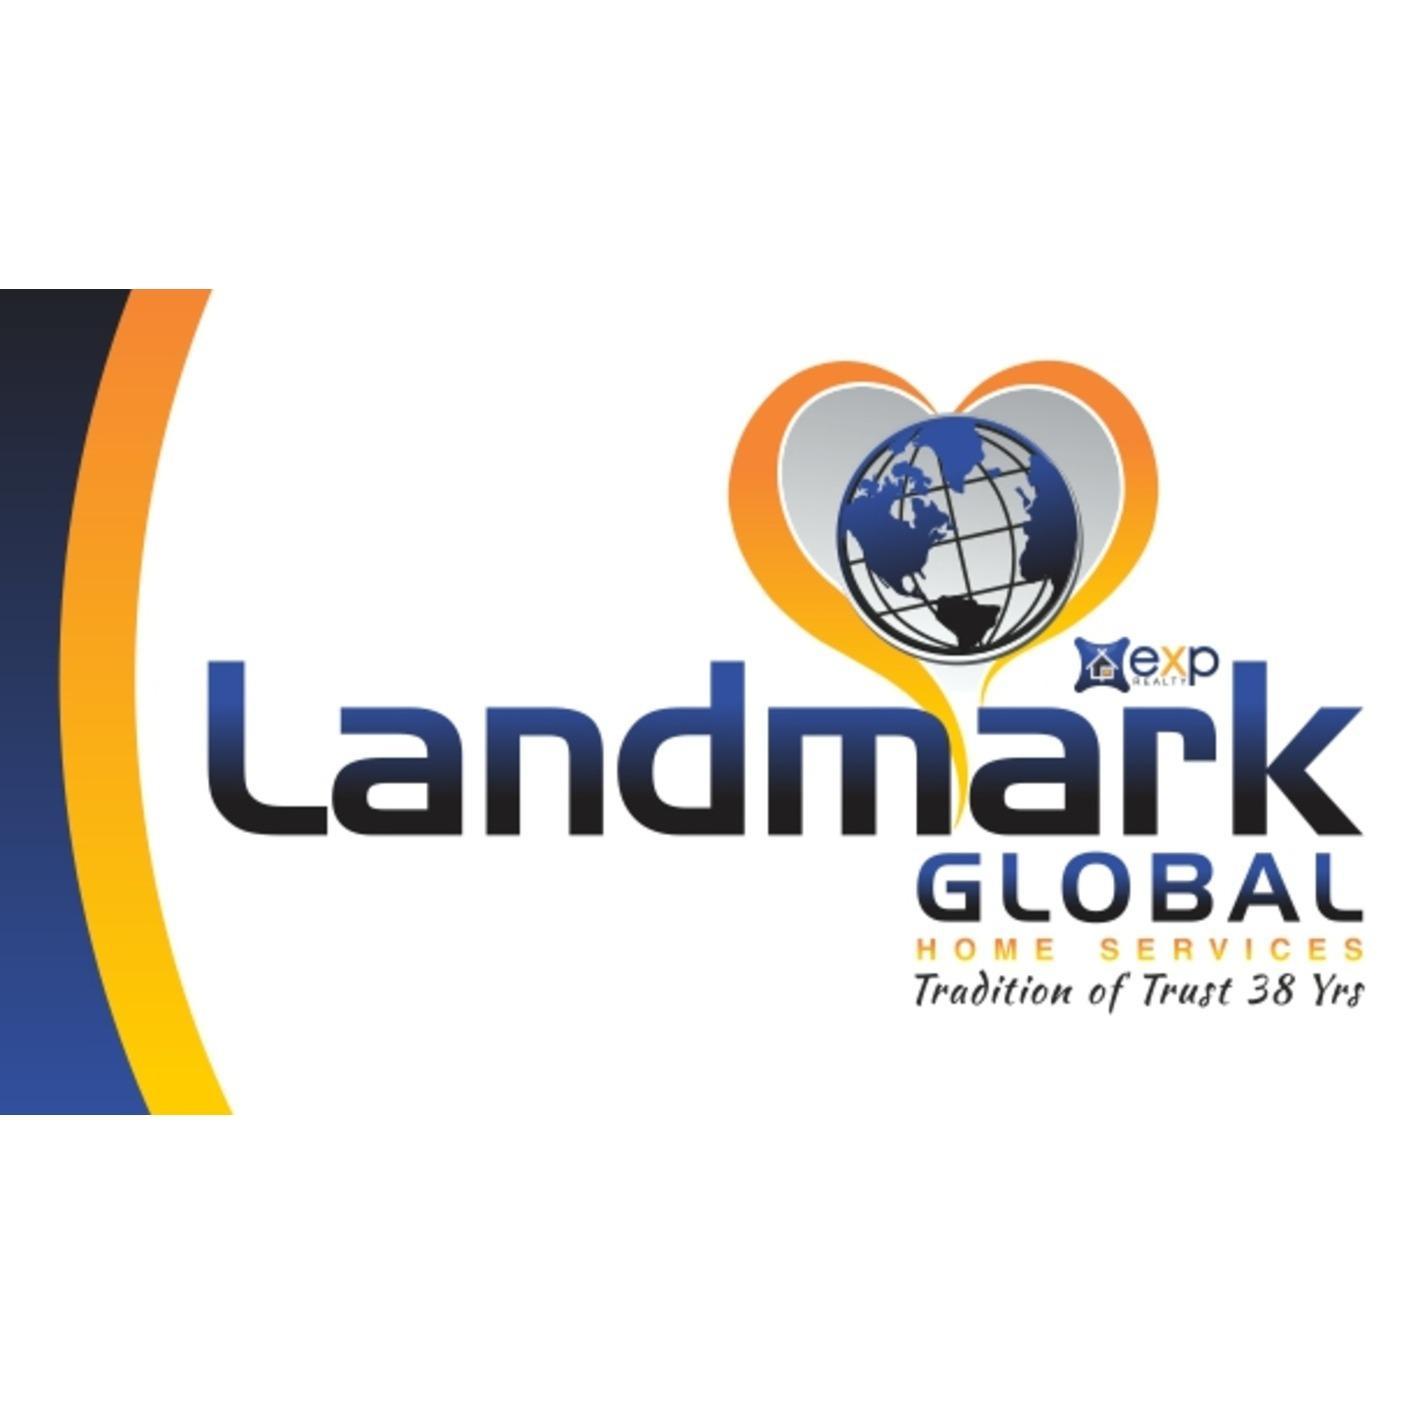 Landmark Global Homes | eXp Realty